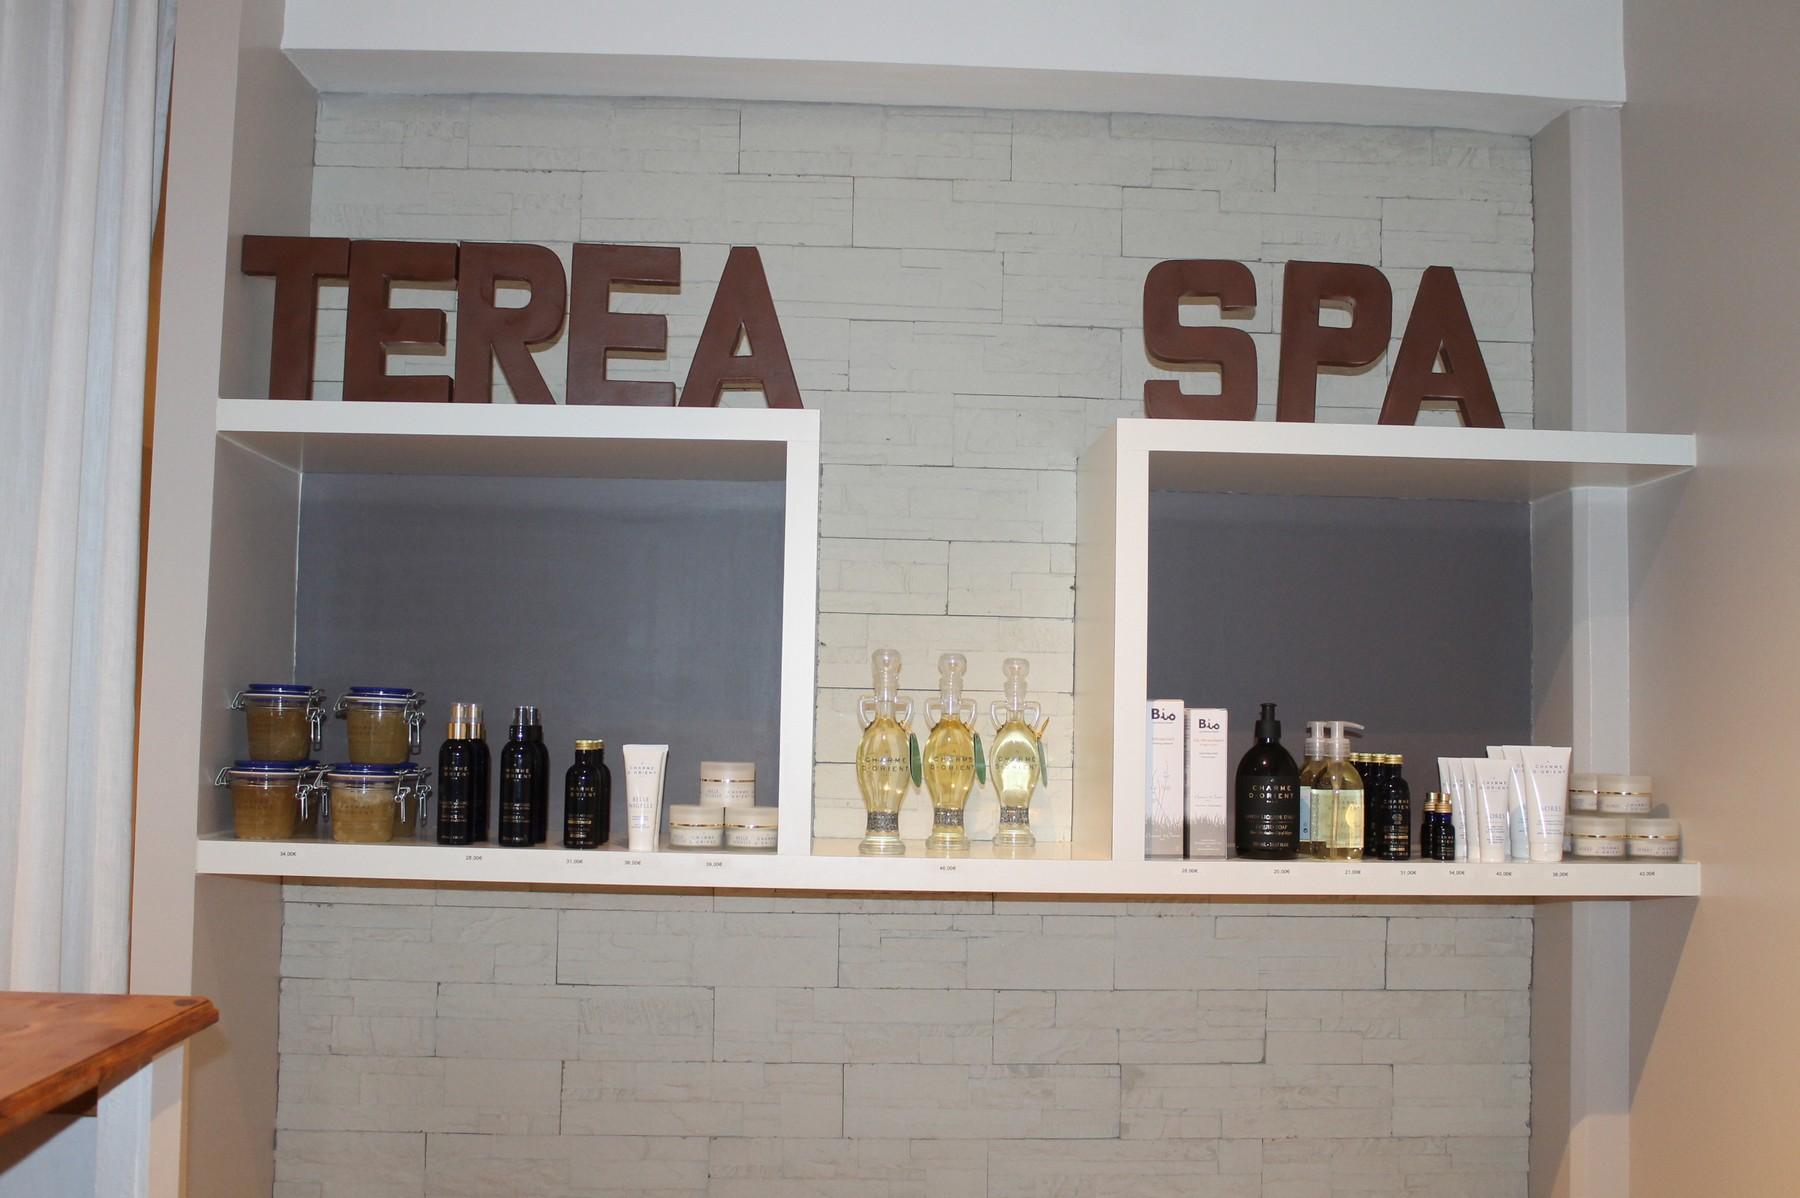 tereaspa8